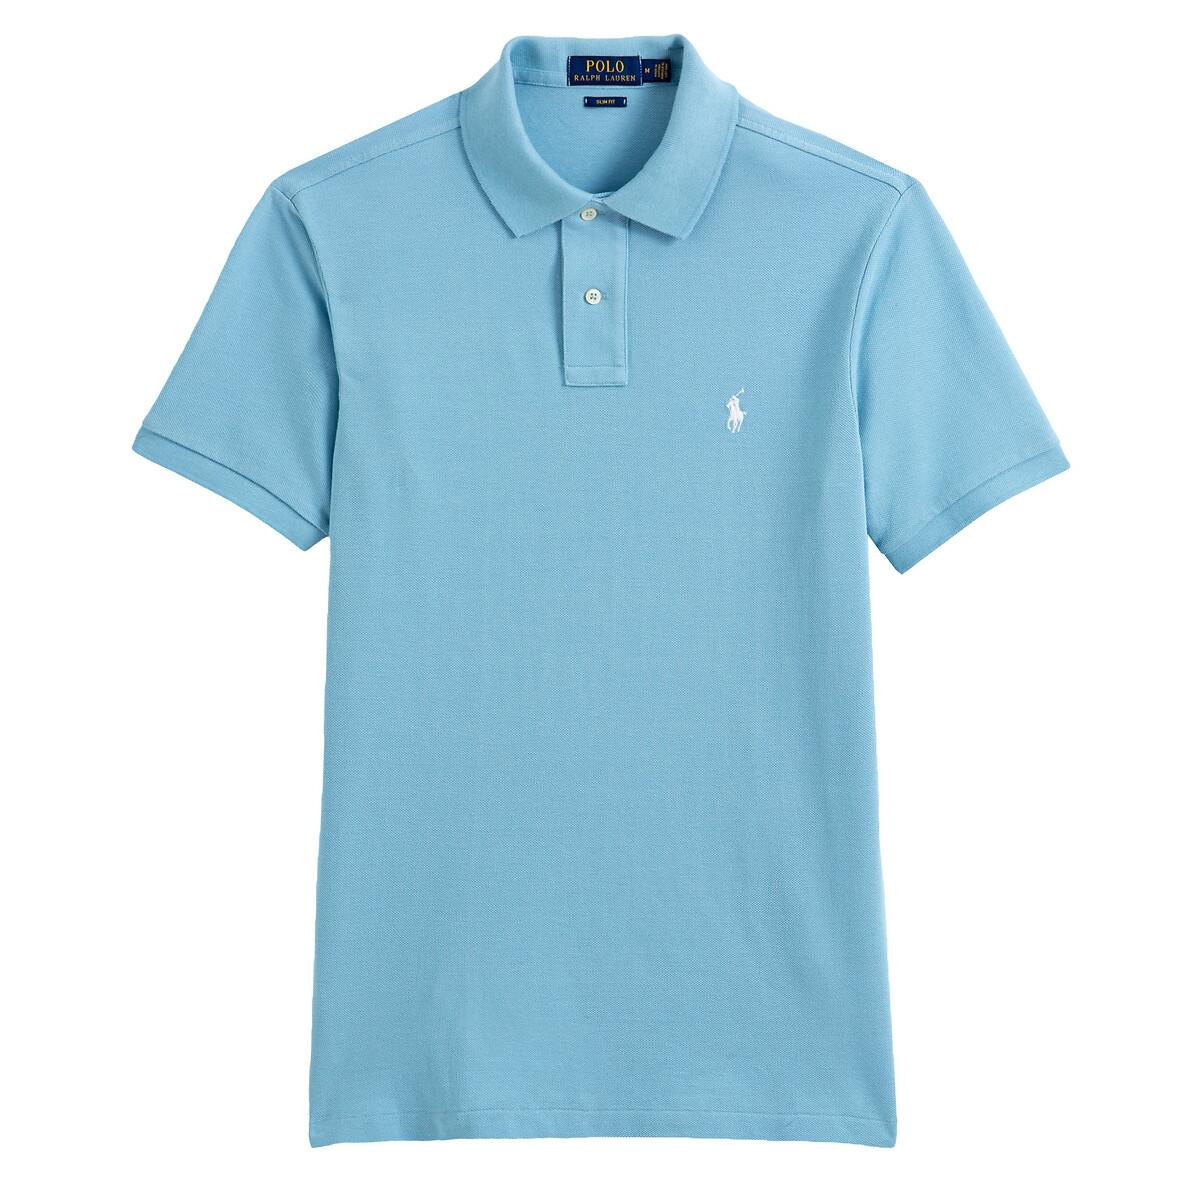 Футболка-поло LaRedoute Узкого покроя из трикотажа пике XL синий футболка поло la redoute прямого покроя из трикотажа пике s серый